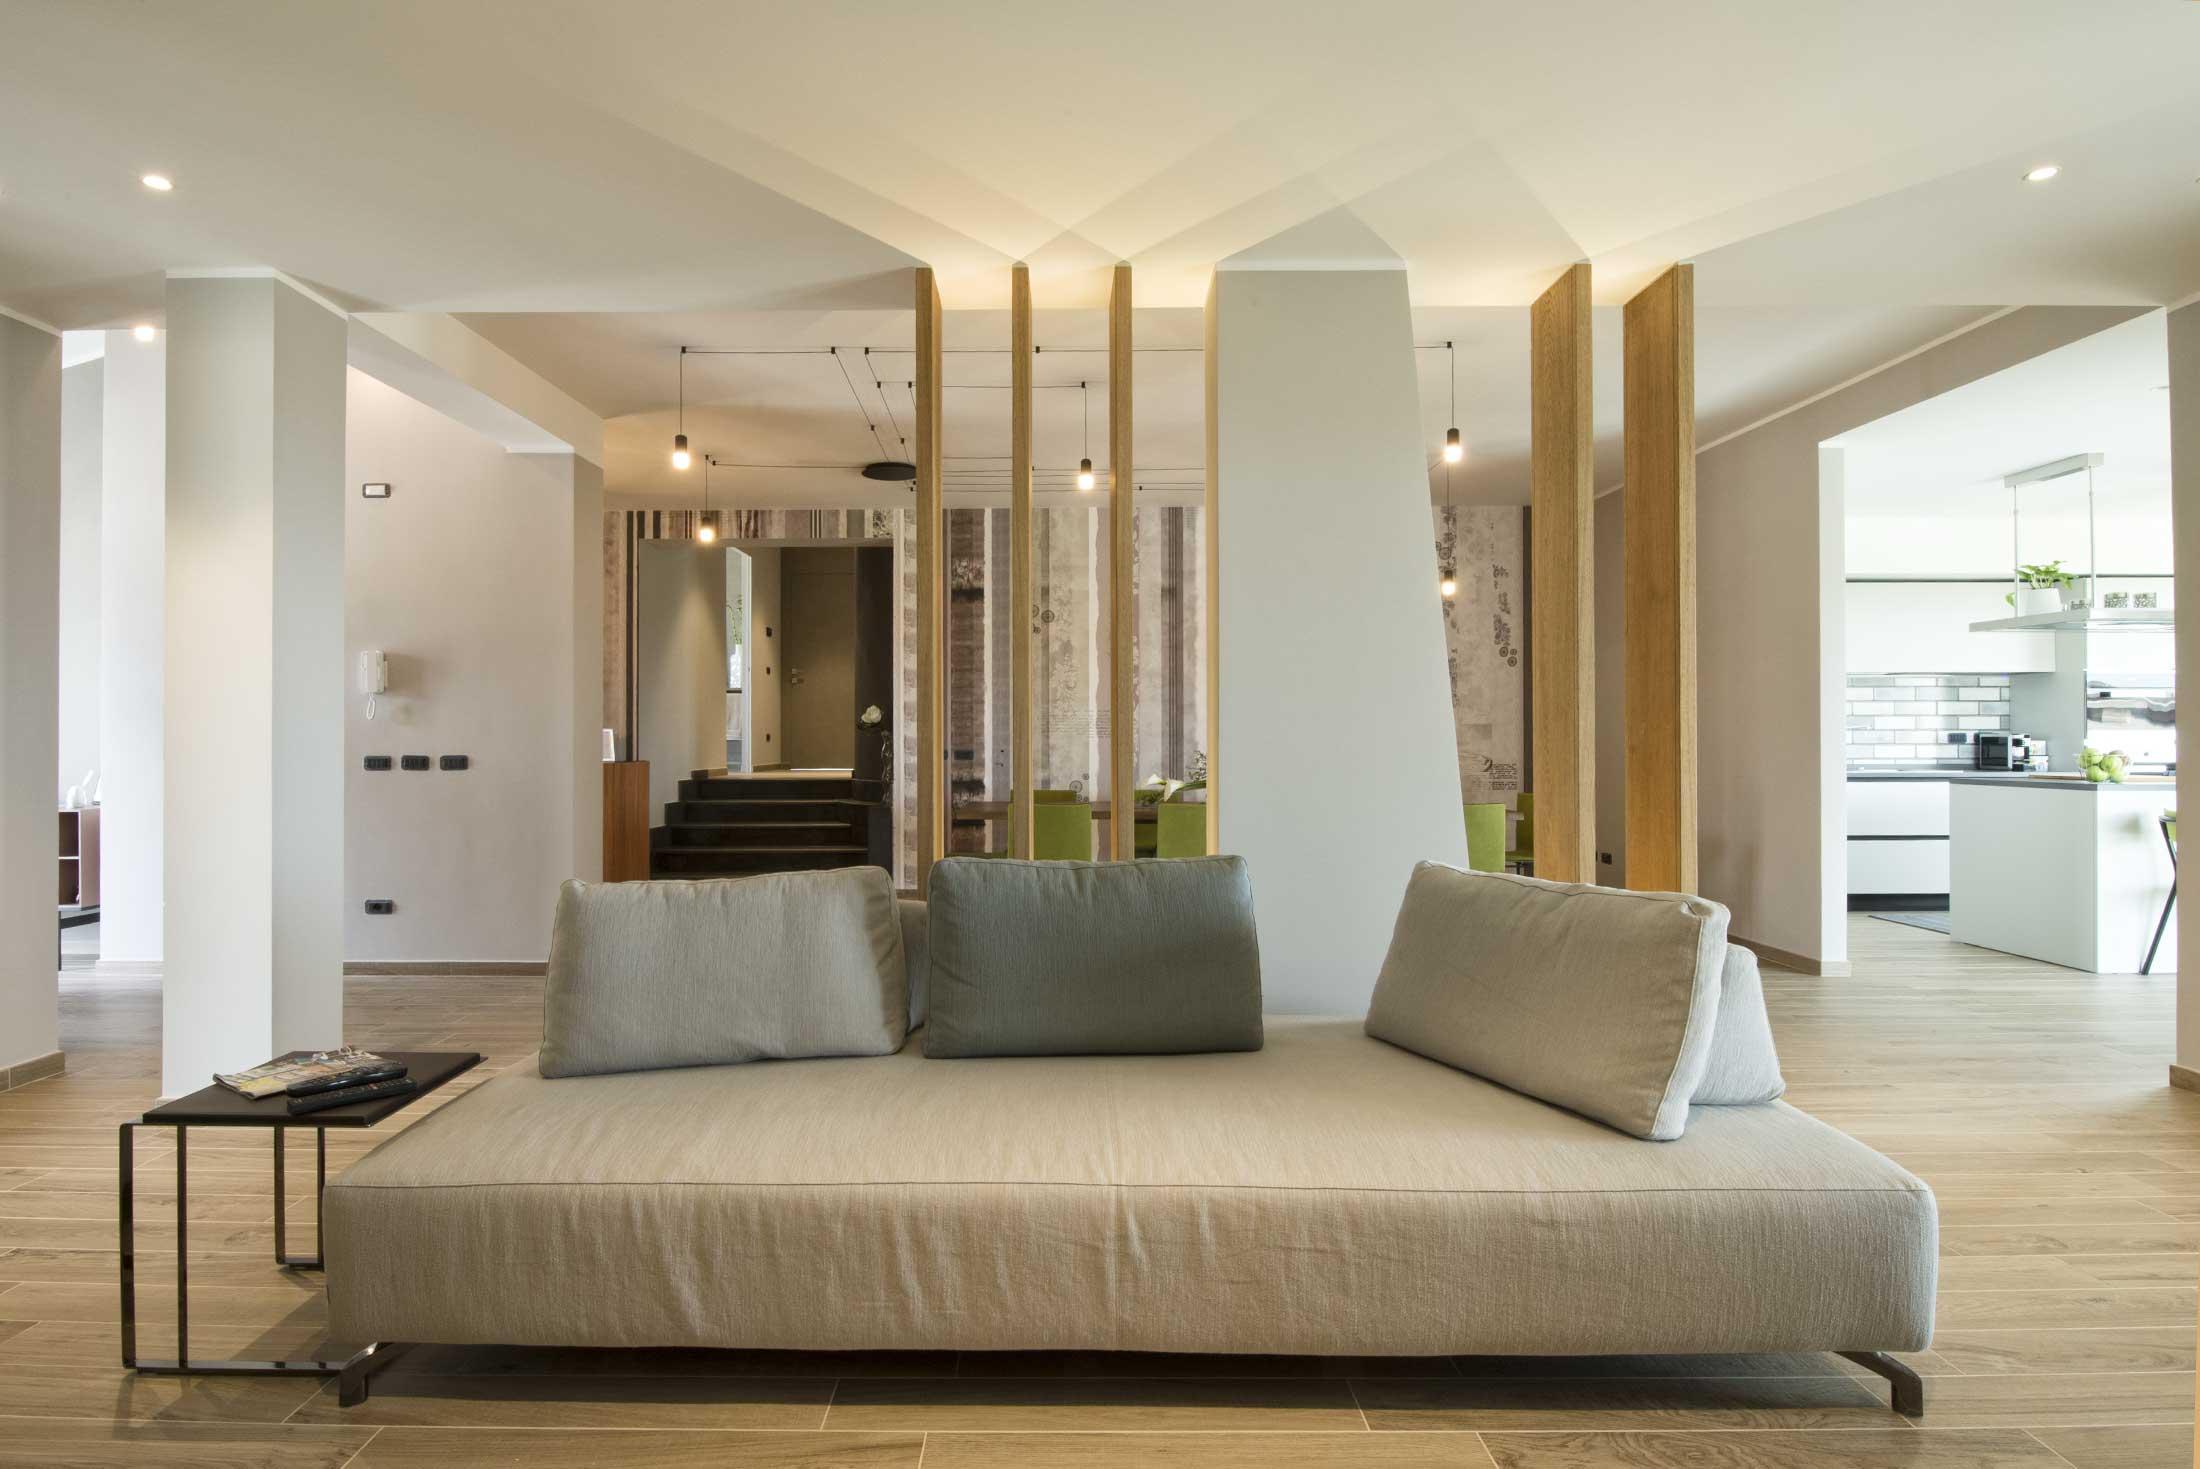 Abitazione-privata-Pensiero-Addessi-Design (5)